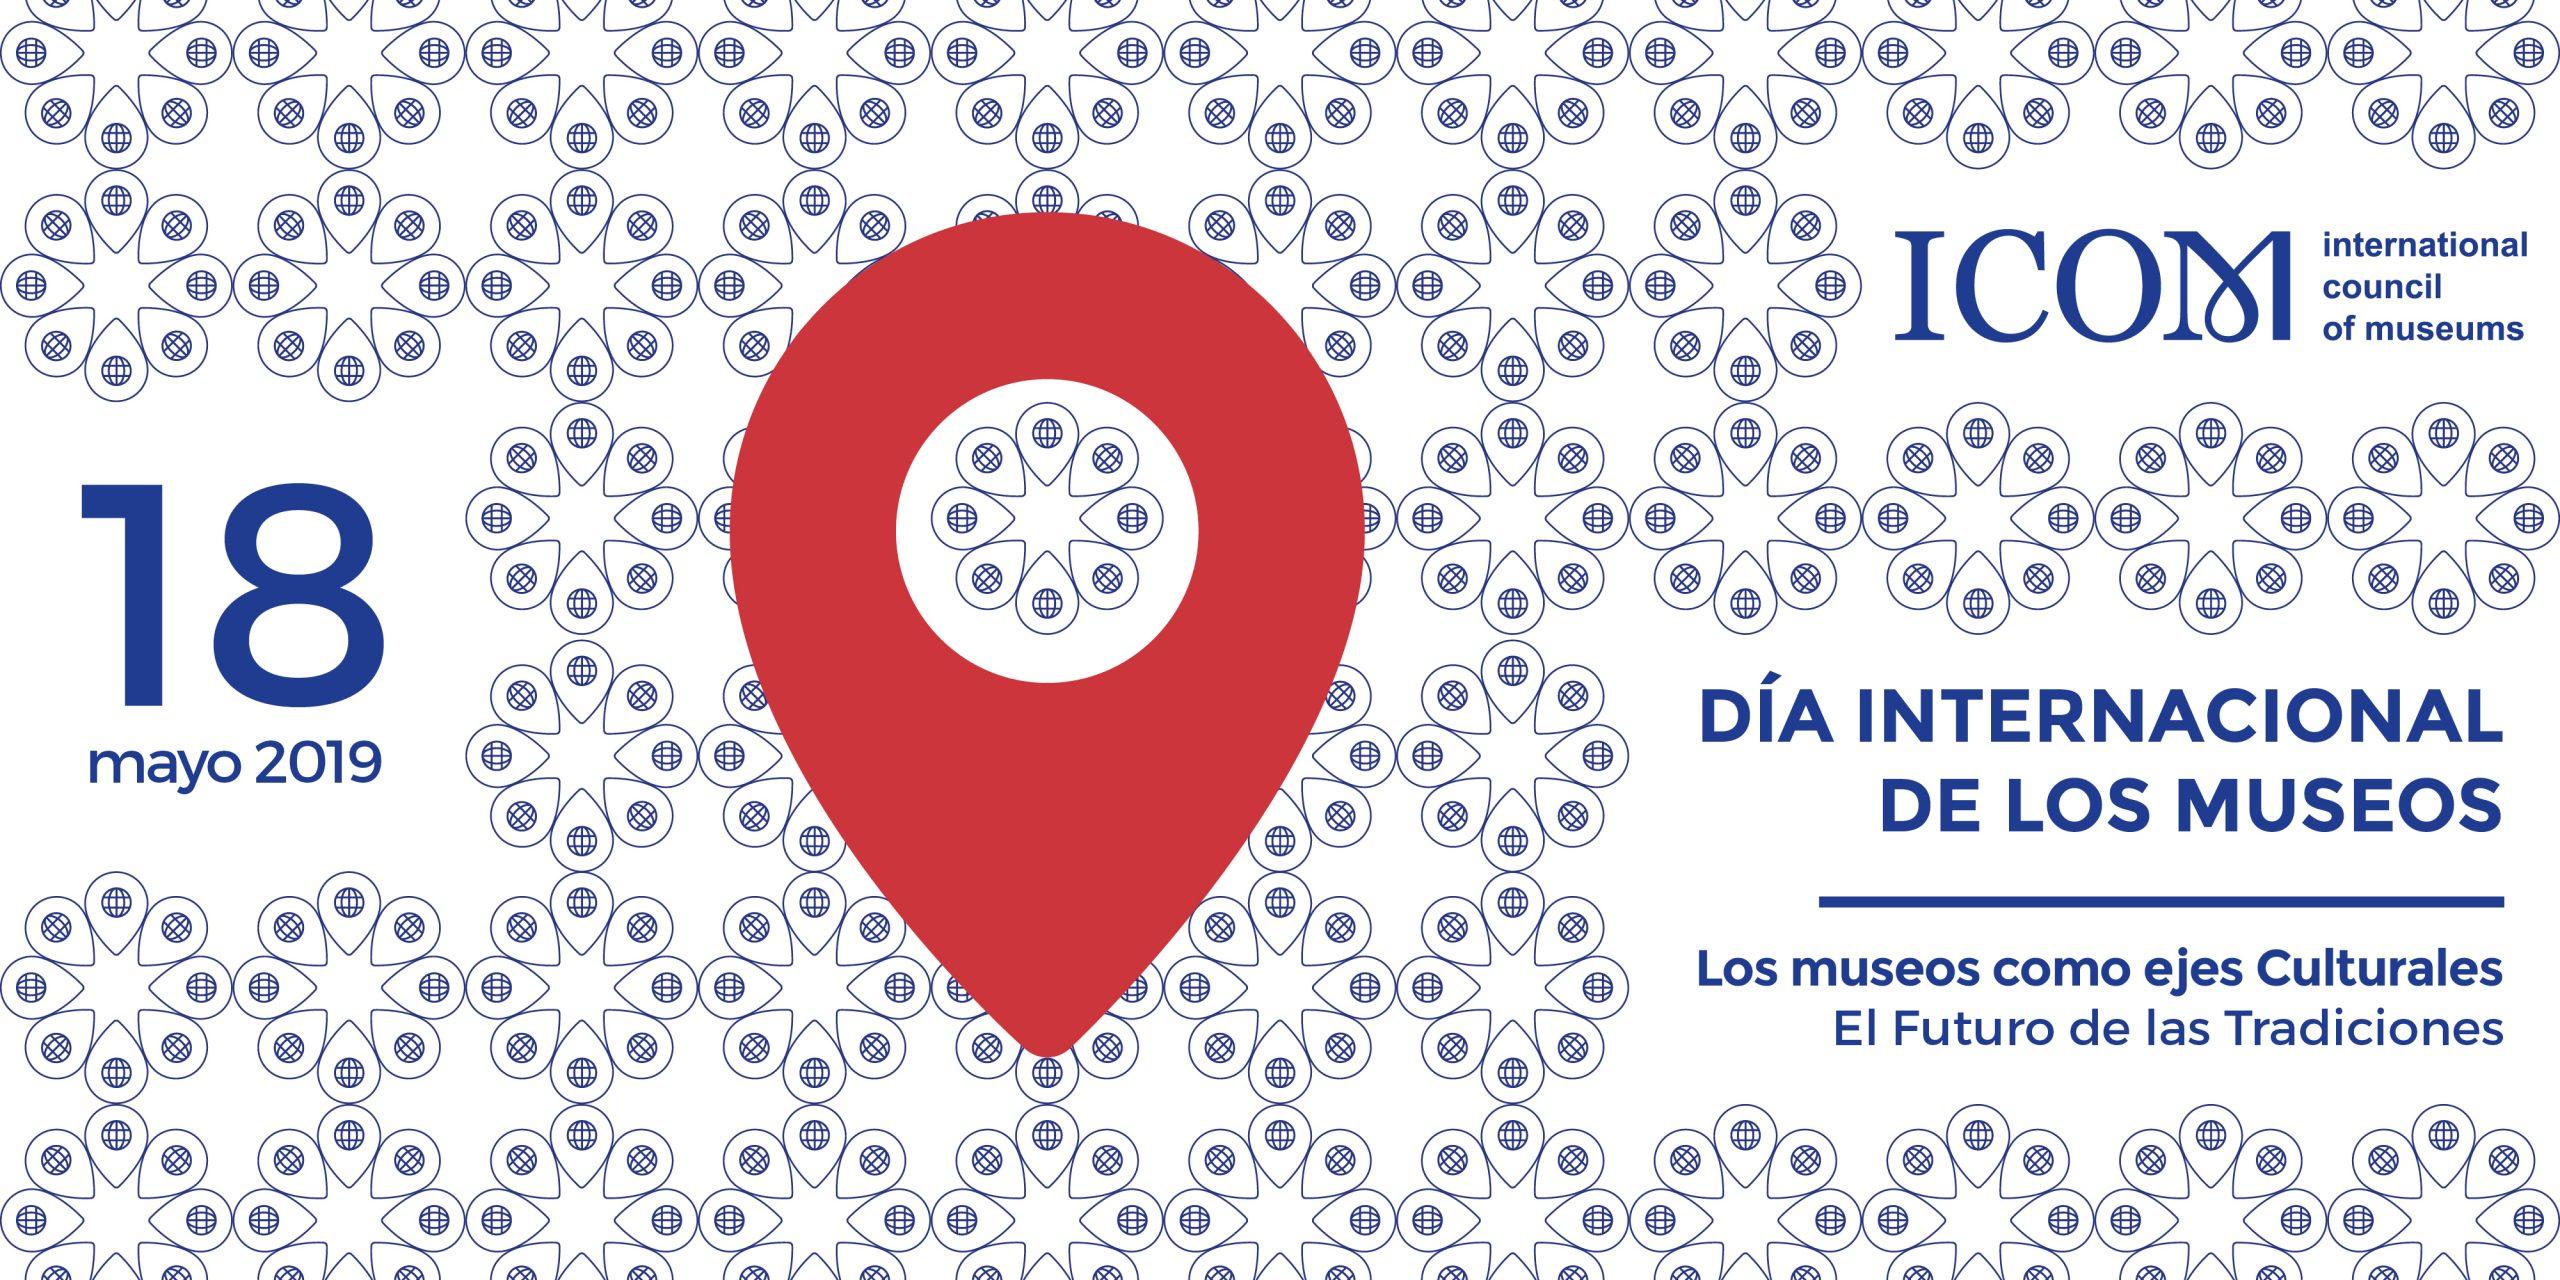 Dia internacional de los Museos 2019.